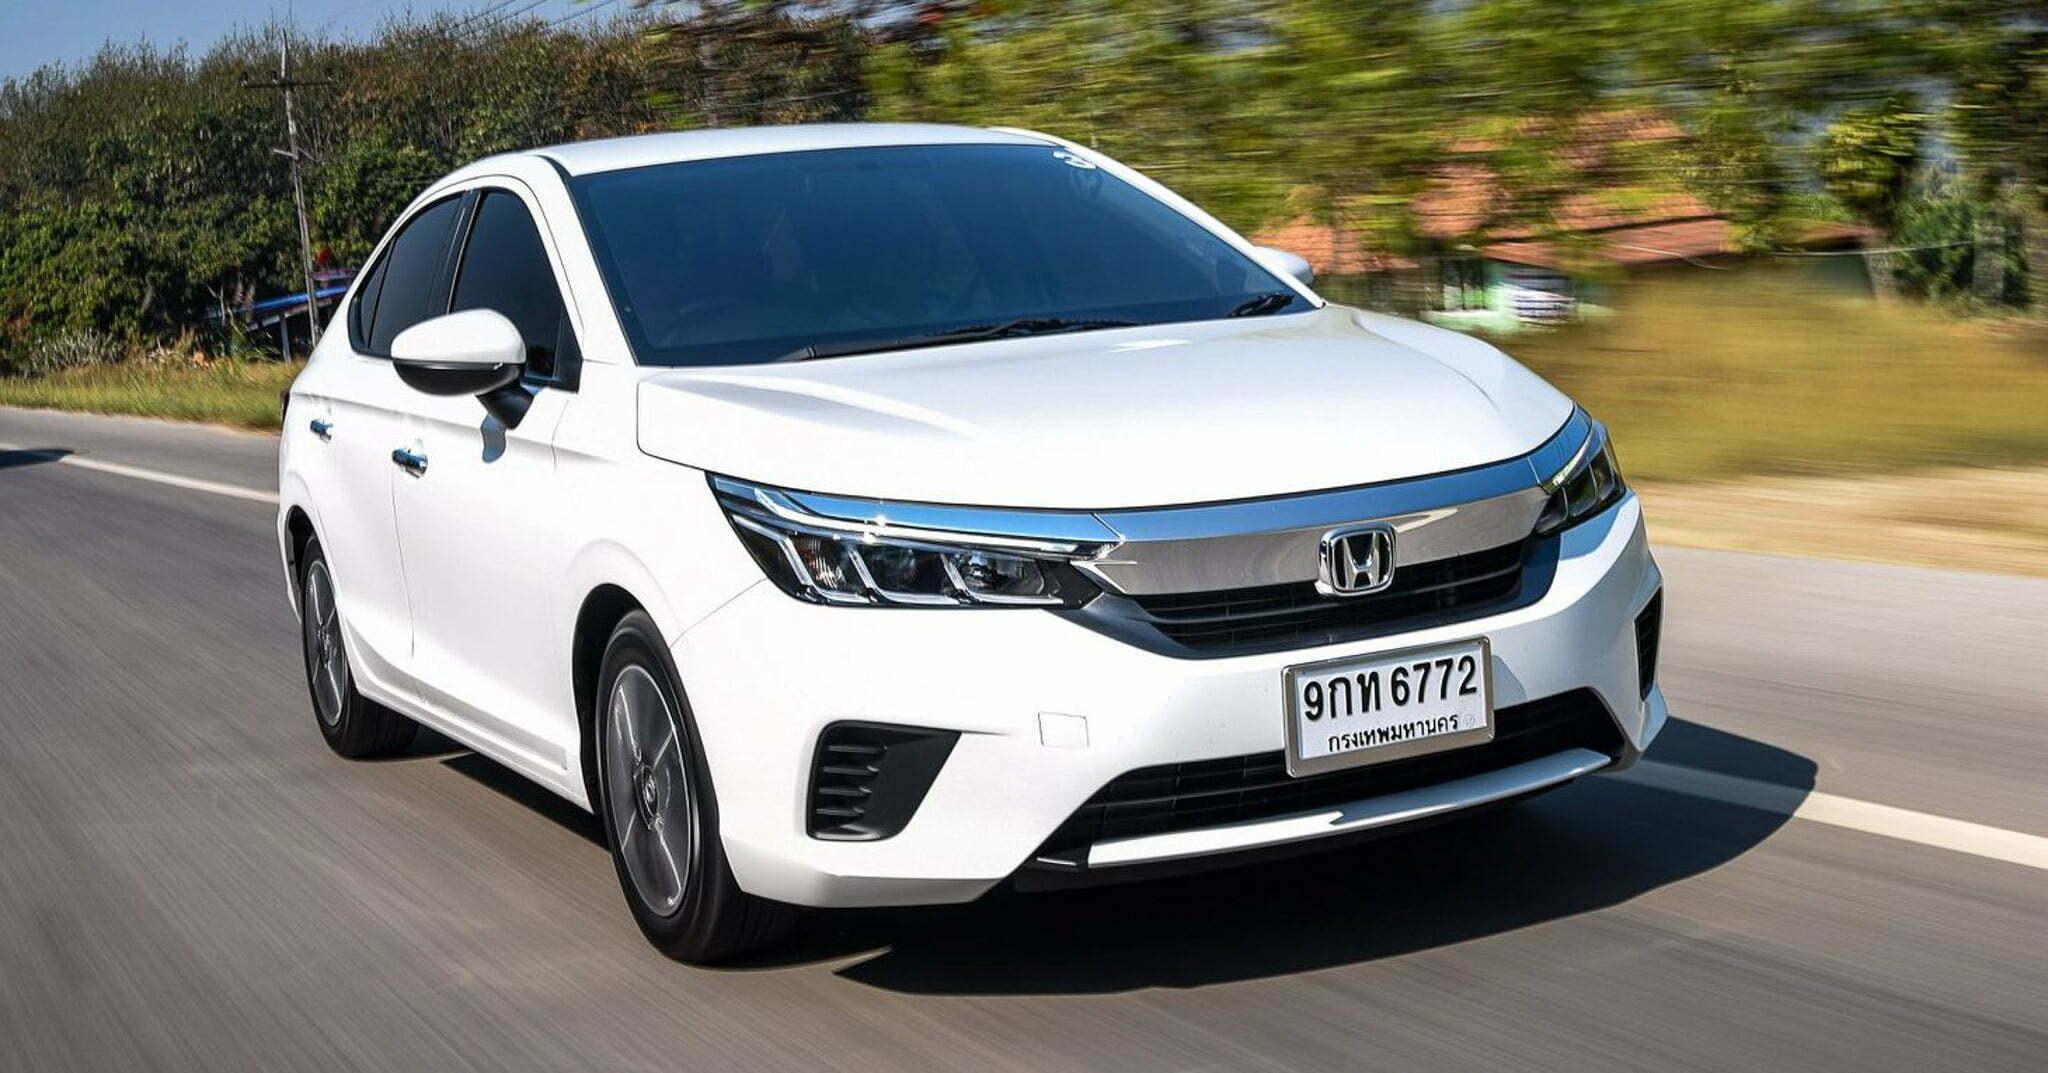 Honda city 2021 rs màu trắng tinh khiết